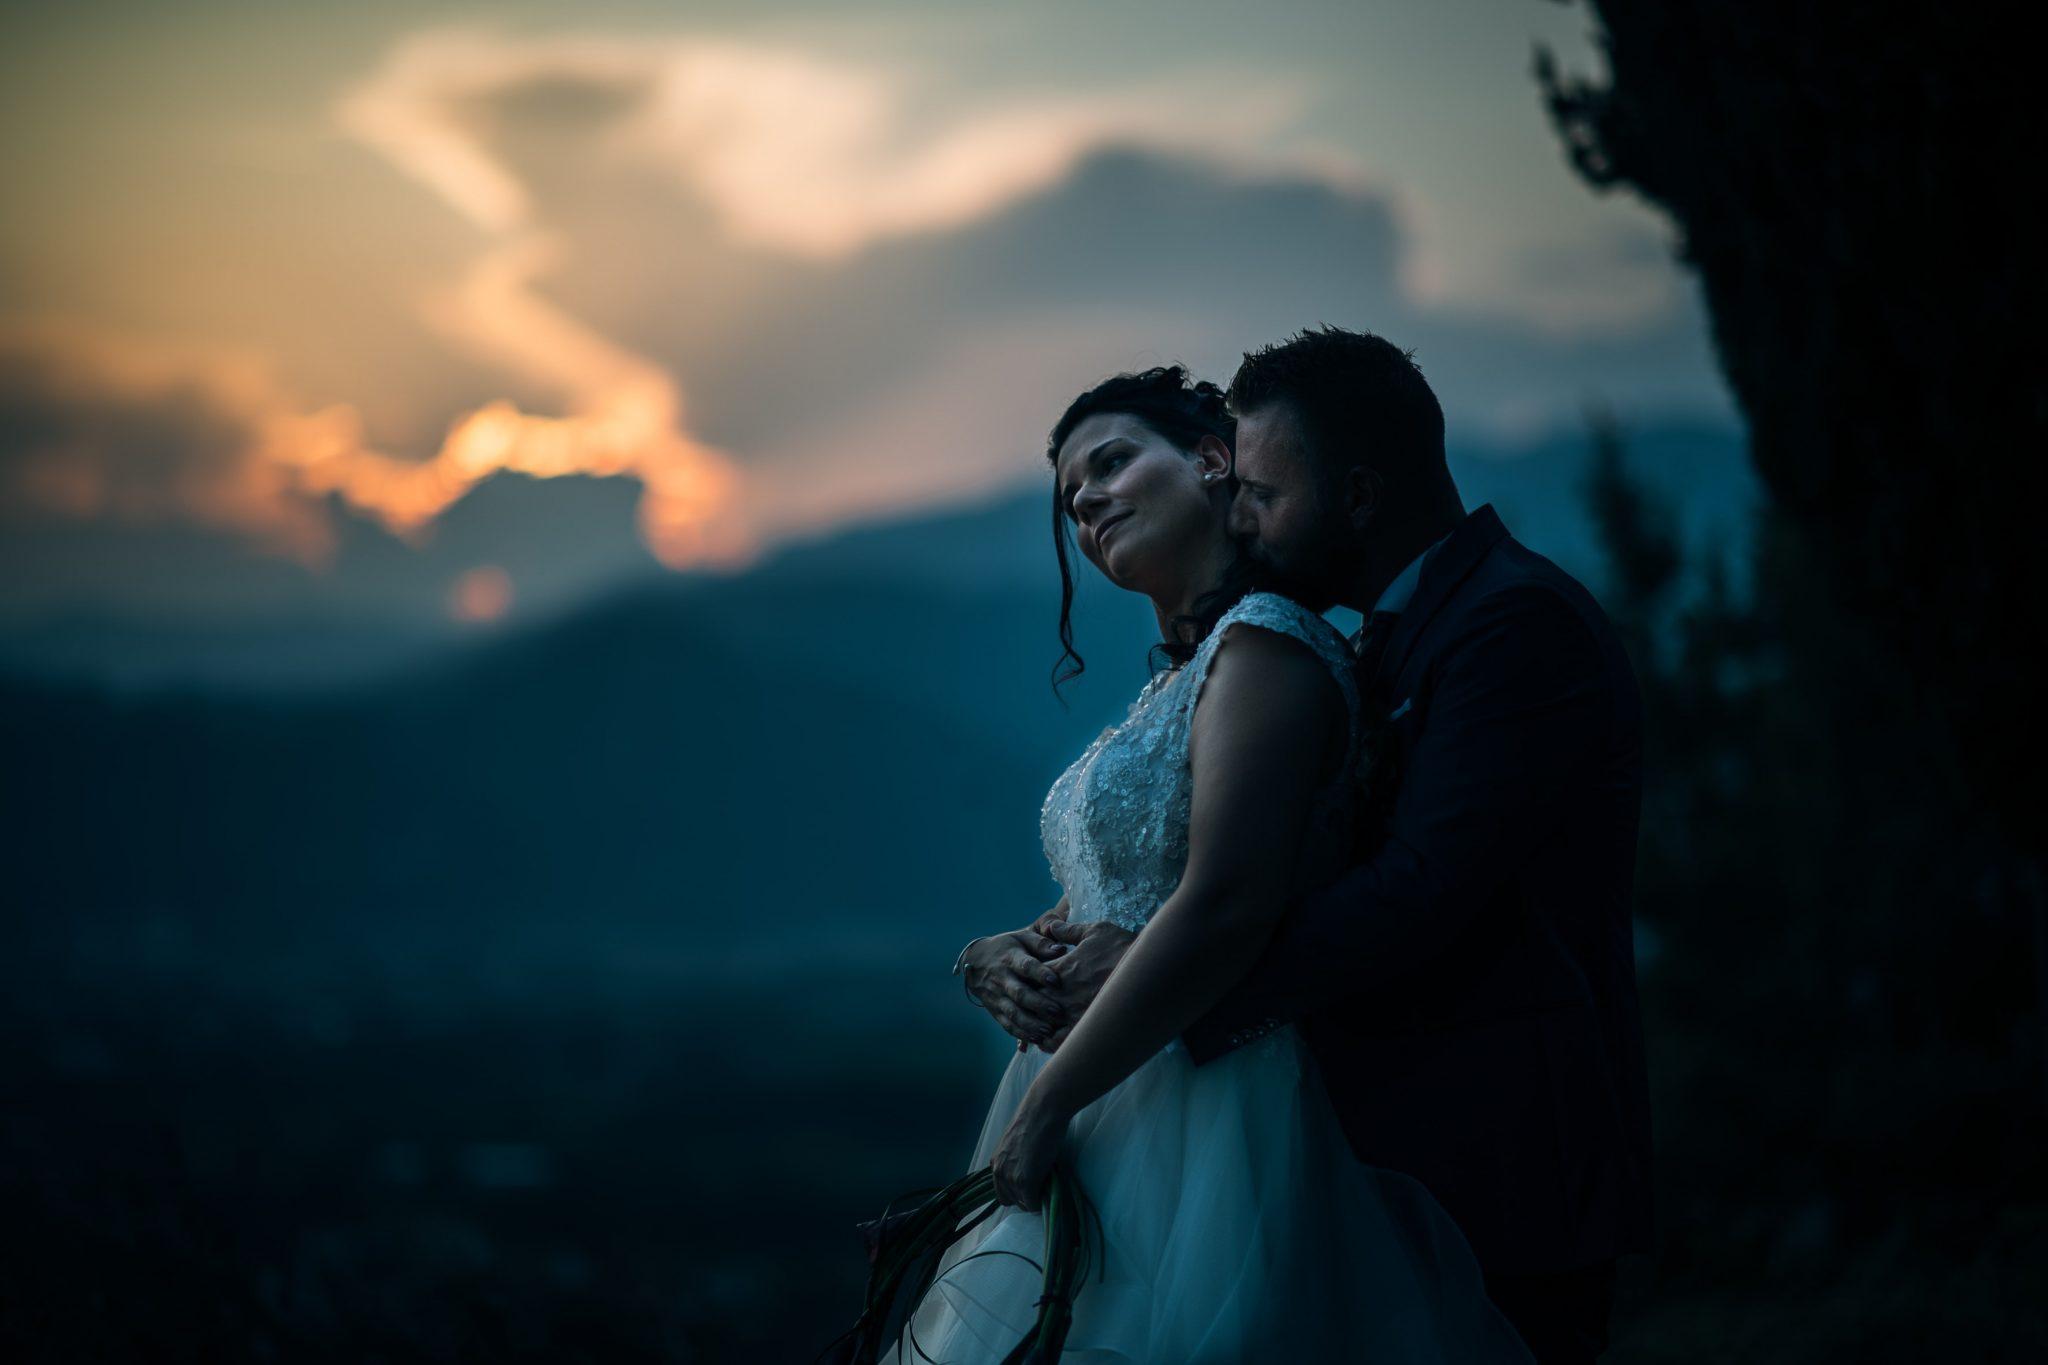 gli sposi si abbracciano e baciano durante il tramonto